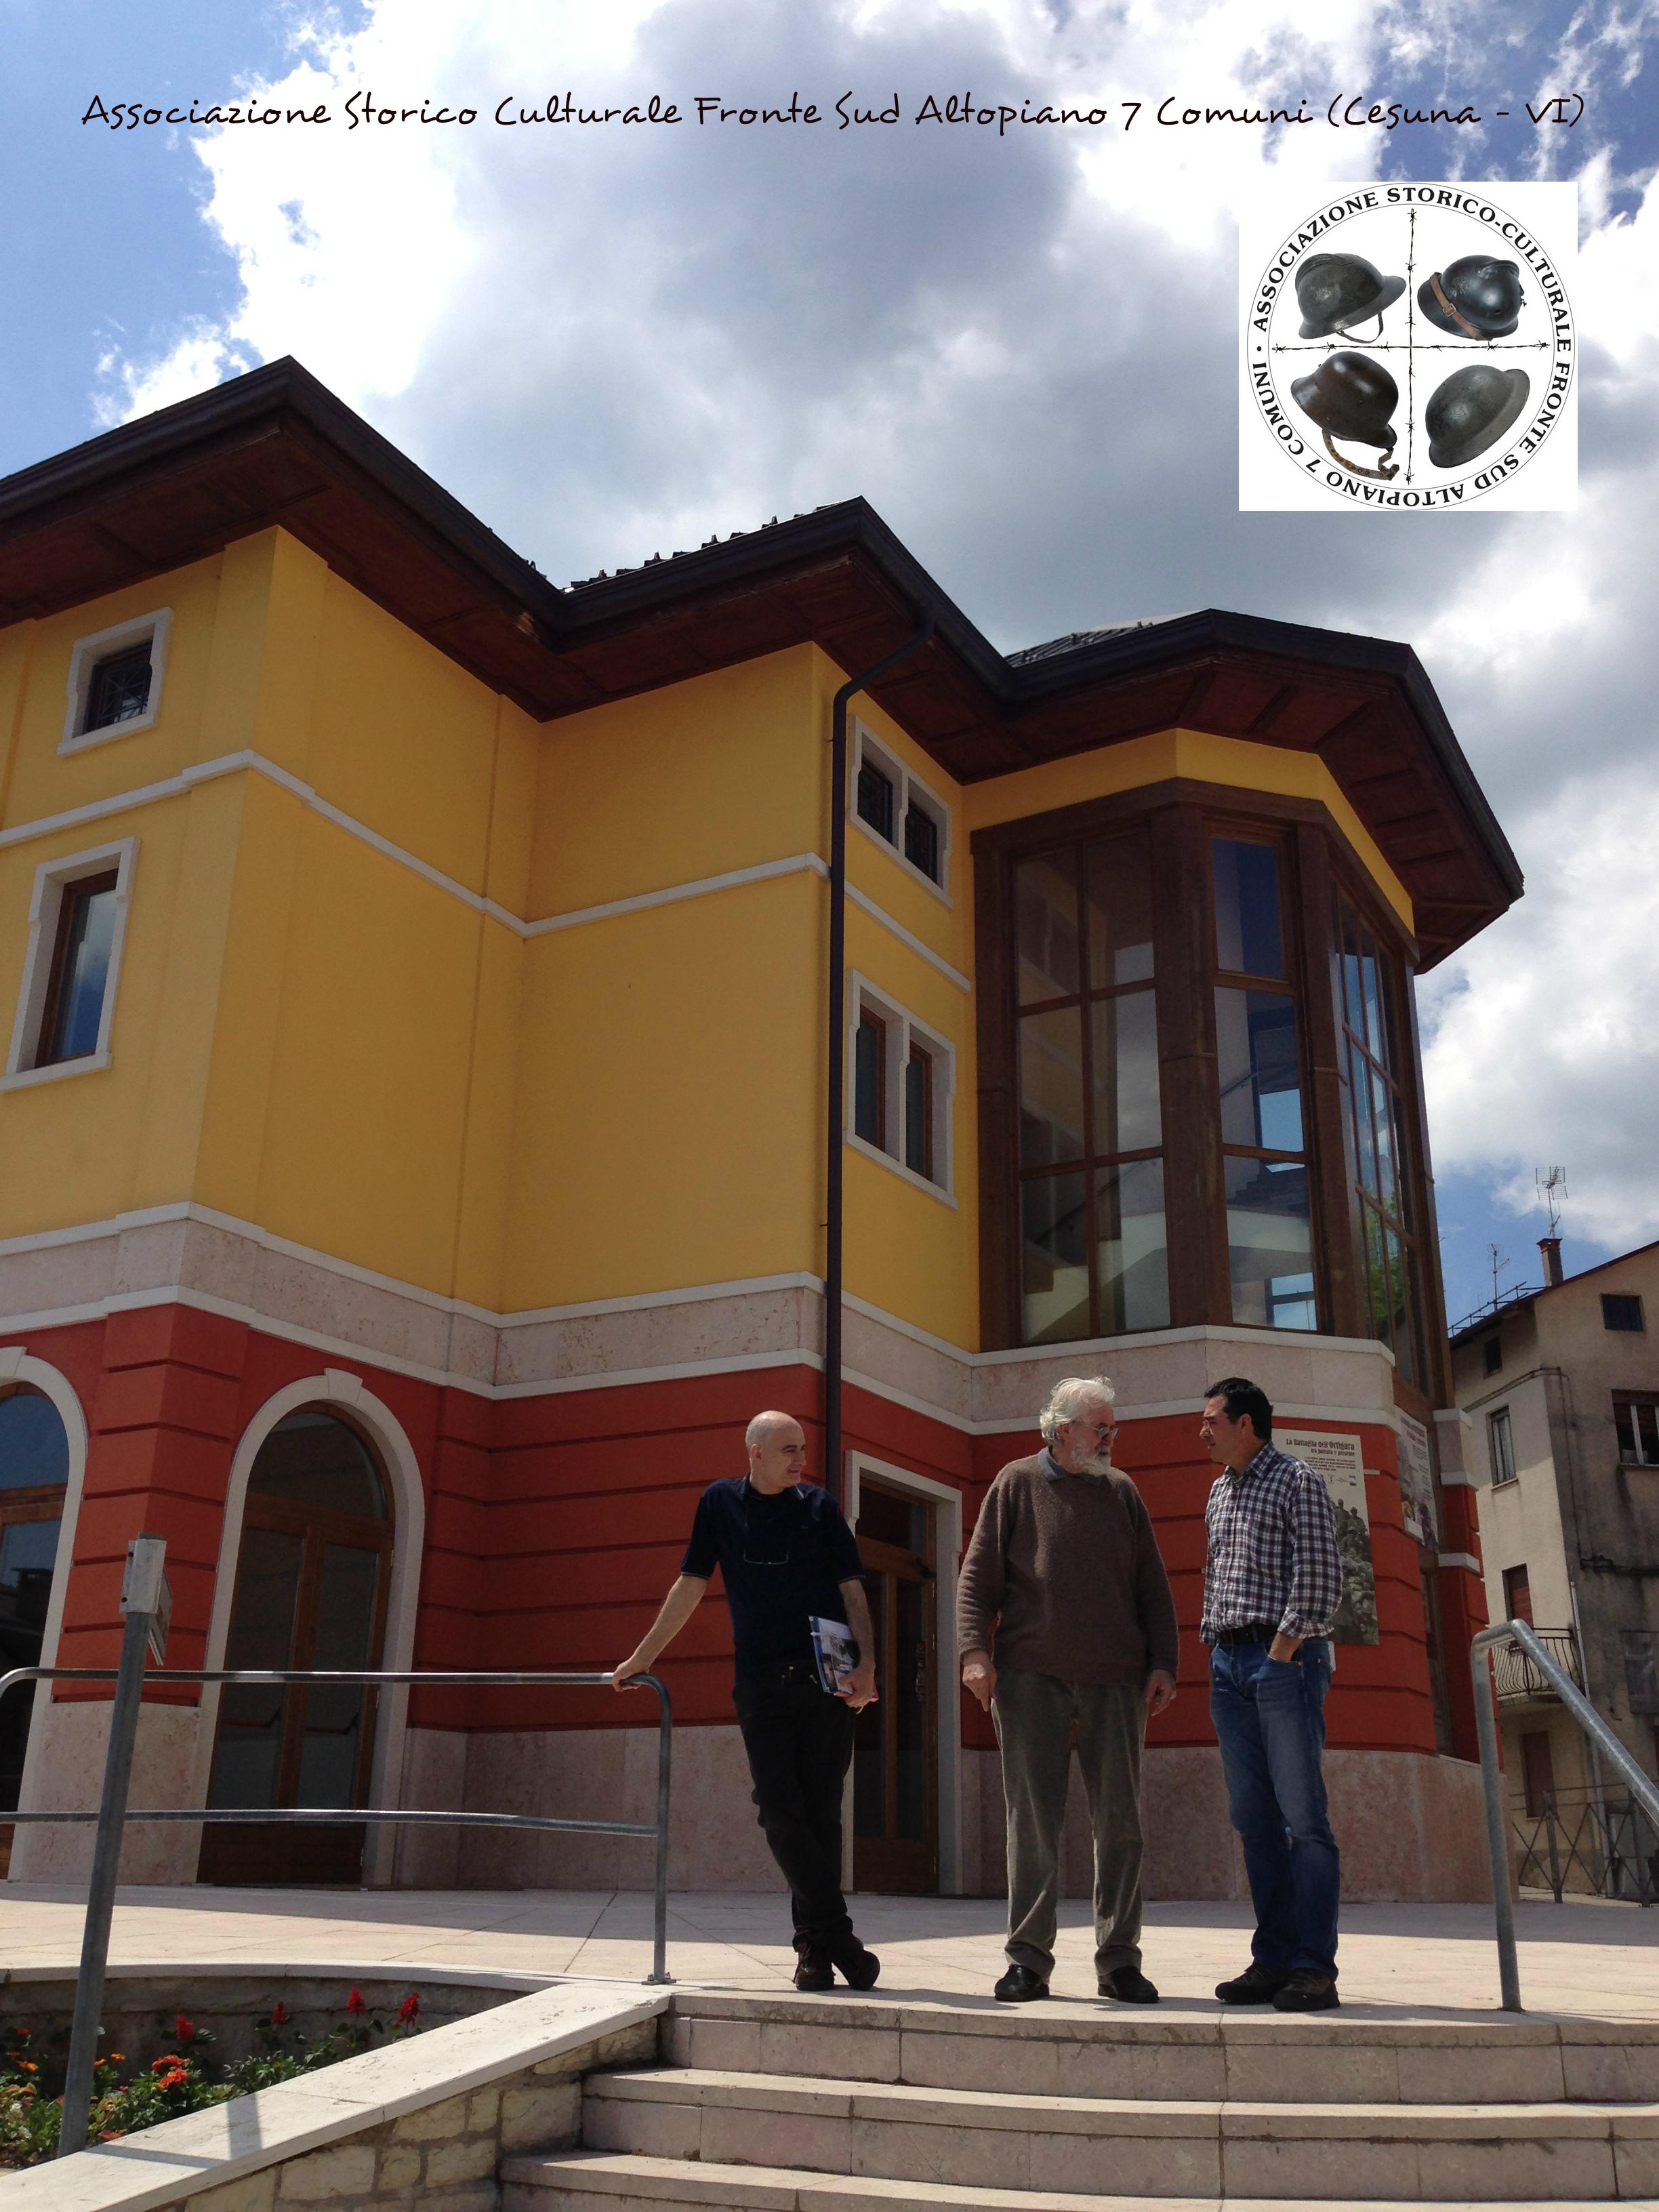 centro congressi Cesuna.JPG